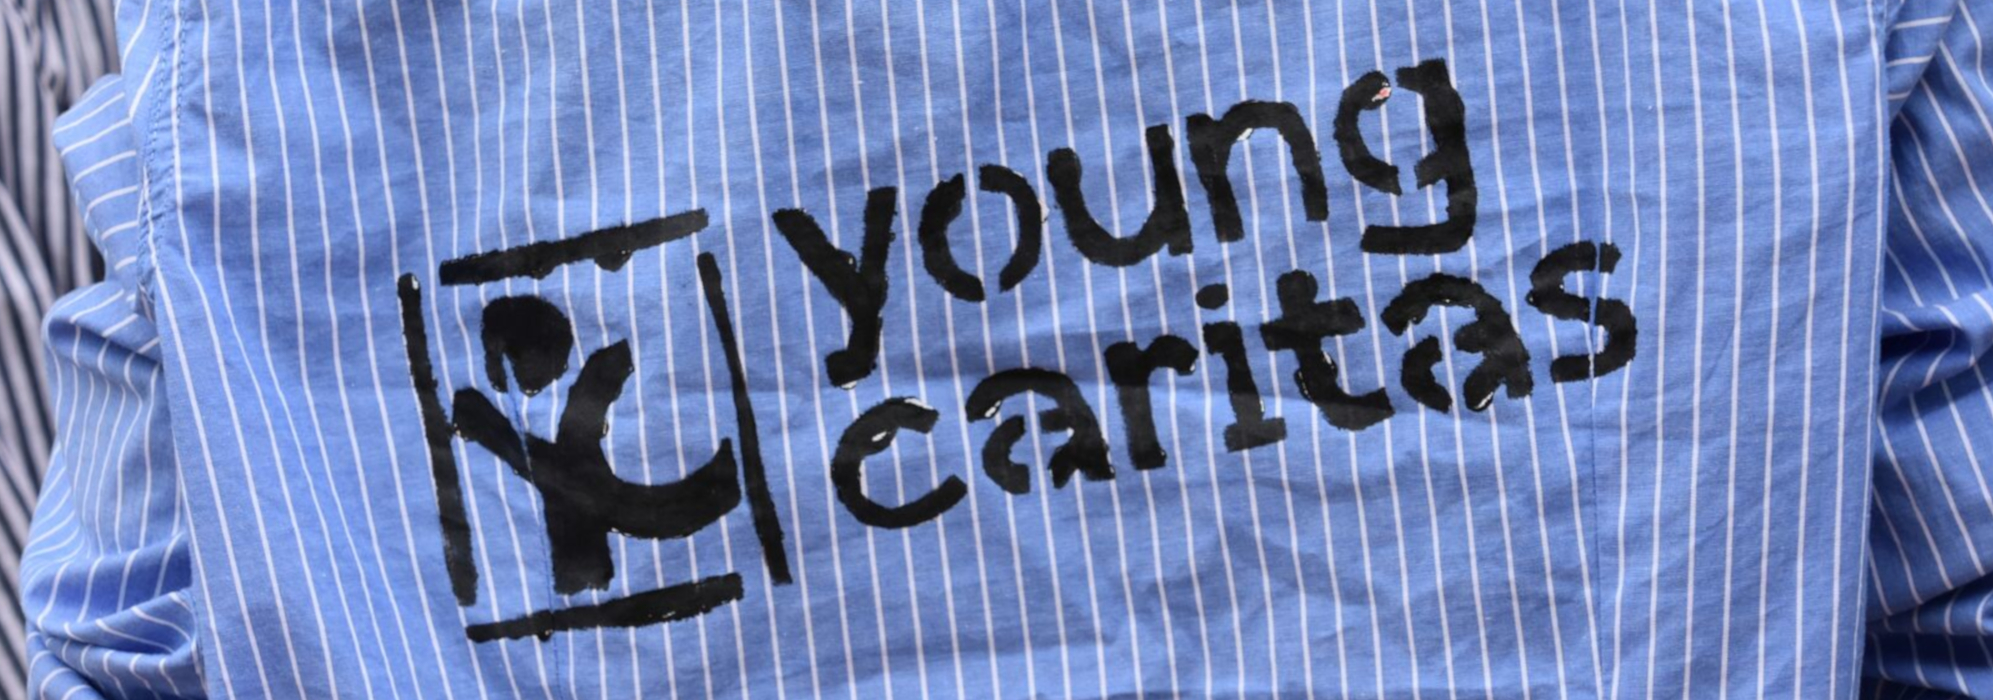 Hemd mit Logo [yc]2000x700